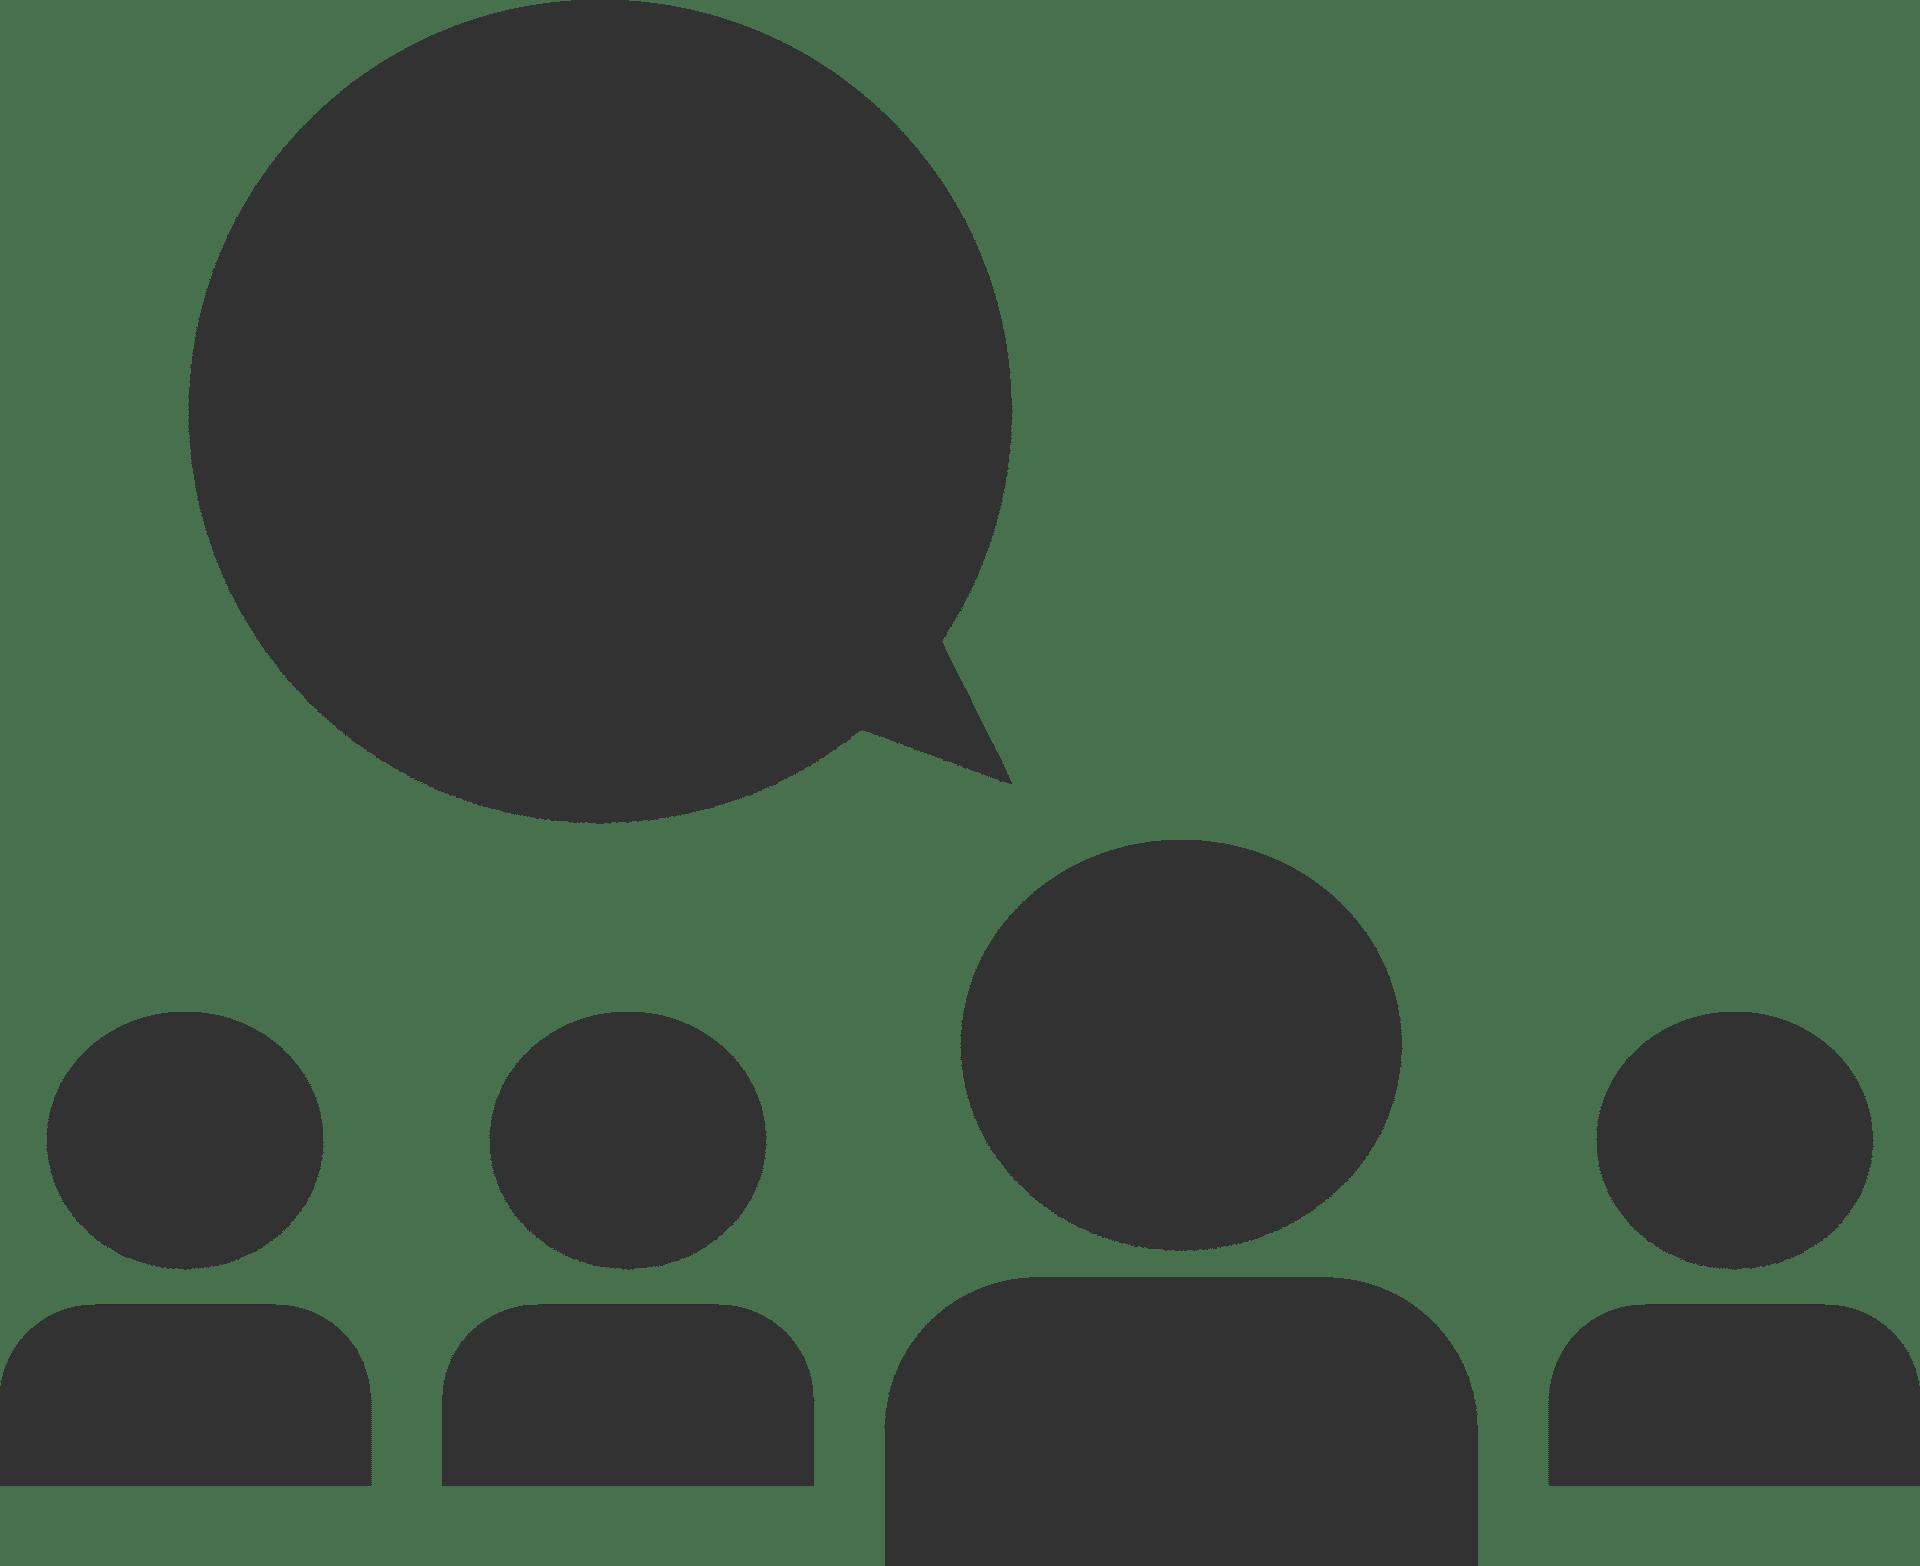 conseils pour trouver le meilleur site de sondage rémunéré